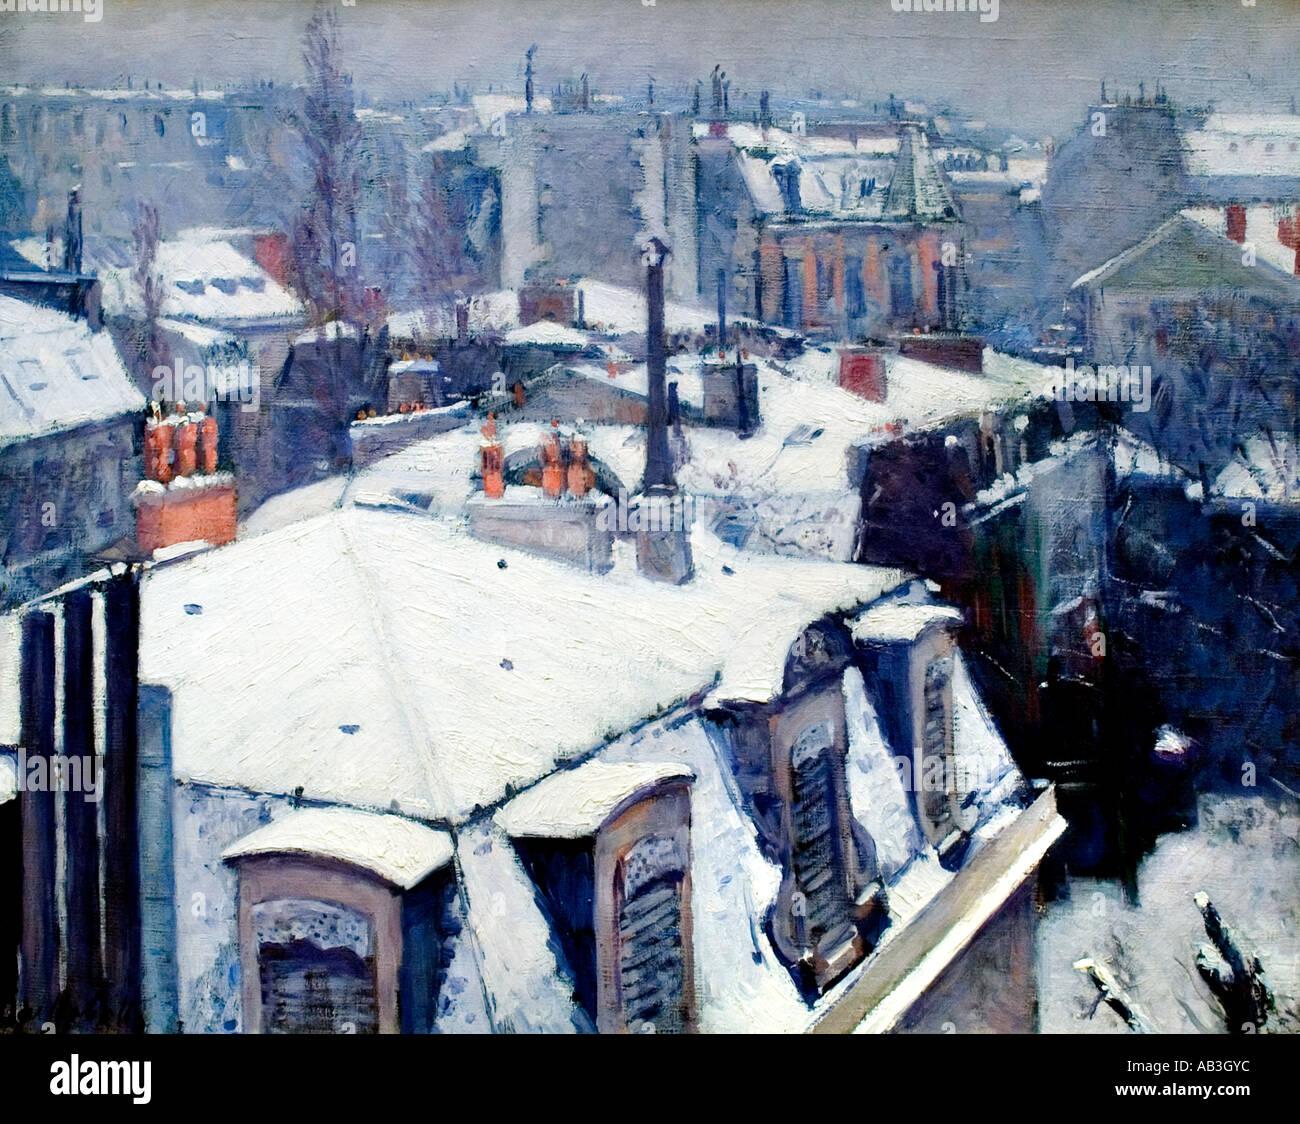 Gustave Caillebotte Vue De toits effet de neige 1879 Stock Photo